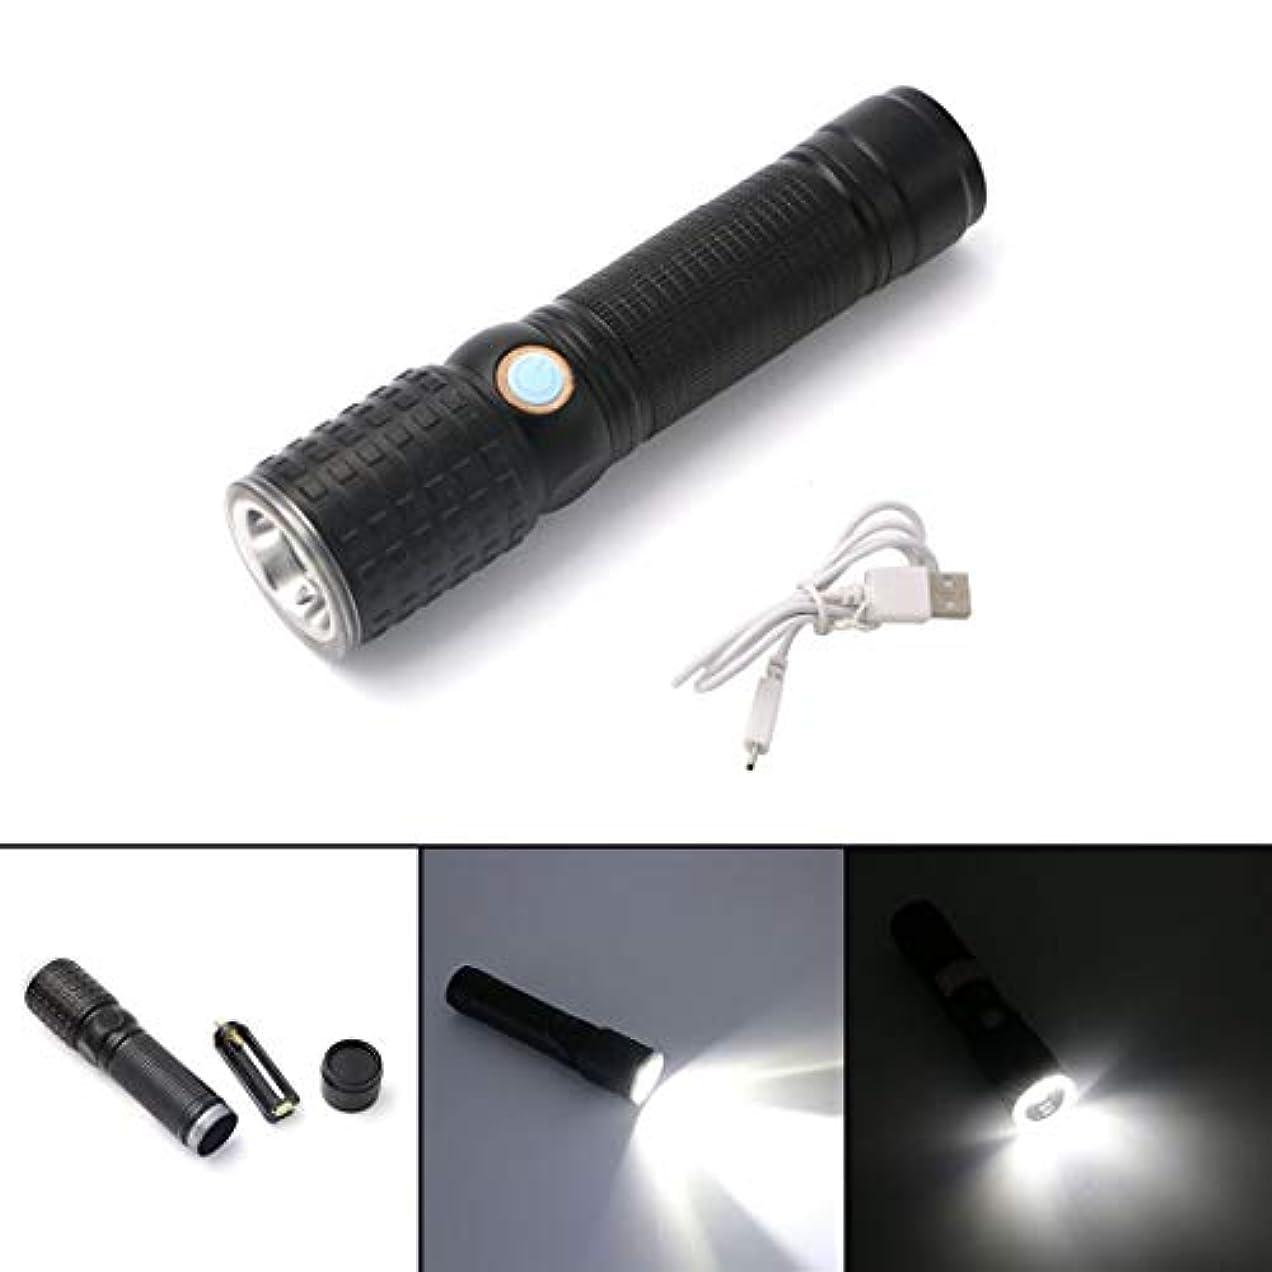 刻む料理修羅場ノウ建材貿易 LEDの回転懐中電灯屋外照明USB充電キャンプライト毎日の使用に適した (色 : 黒)